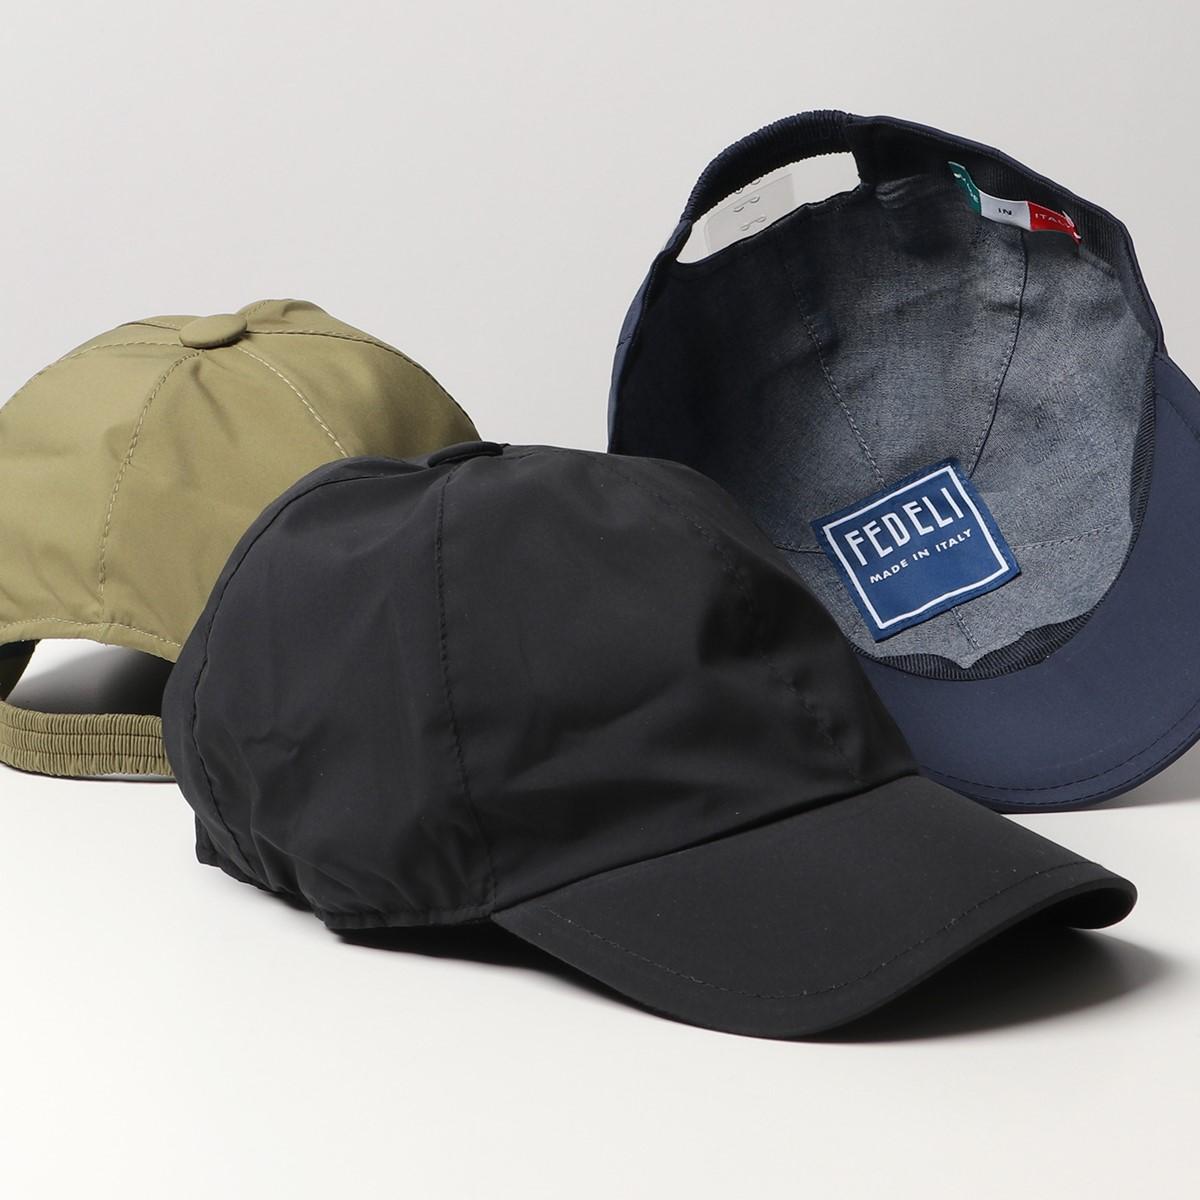 グッドプライス 2021年春夏新作 FEDELI フェデリ 4UE00802 CAP 受注生産品 LAND AIRSTOP 撥水 本日限定 2021ss エアストップ メンズ 帽子 カラー3色 ベースボールキャップ